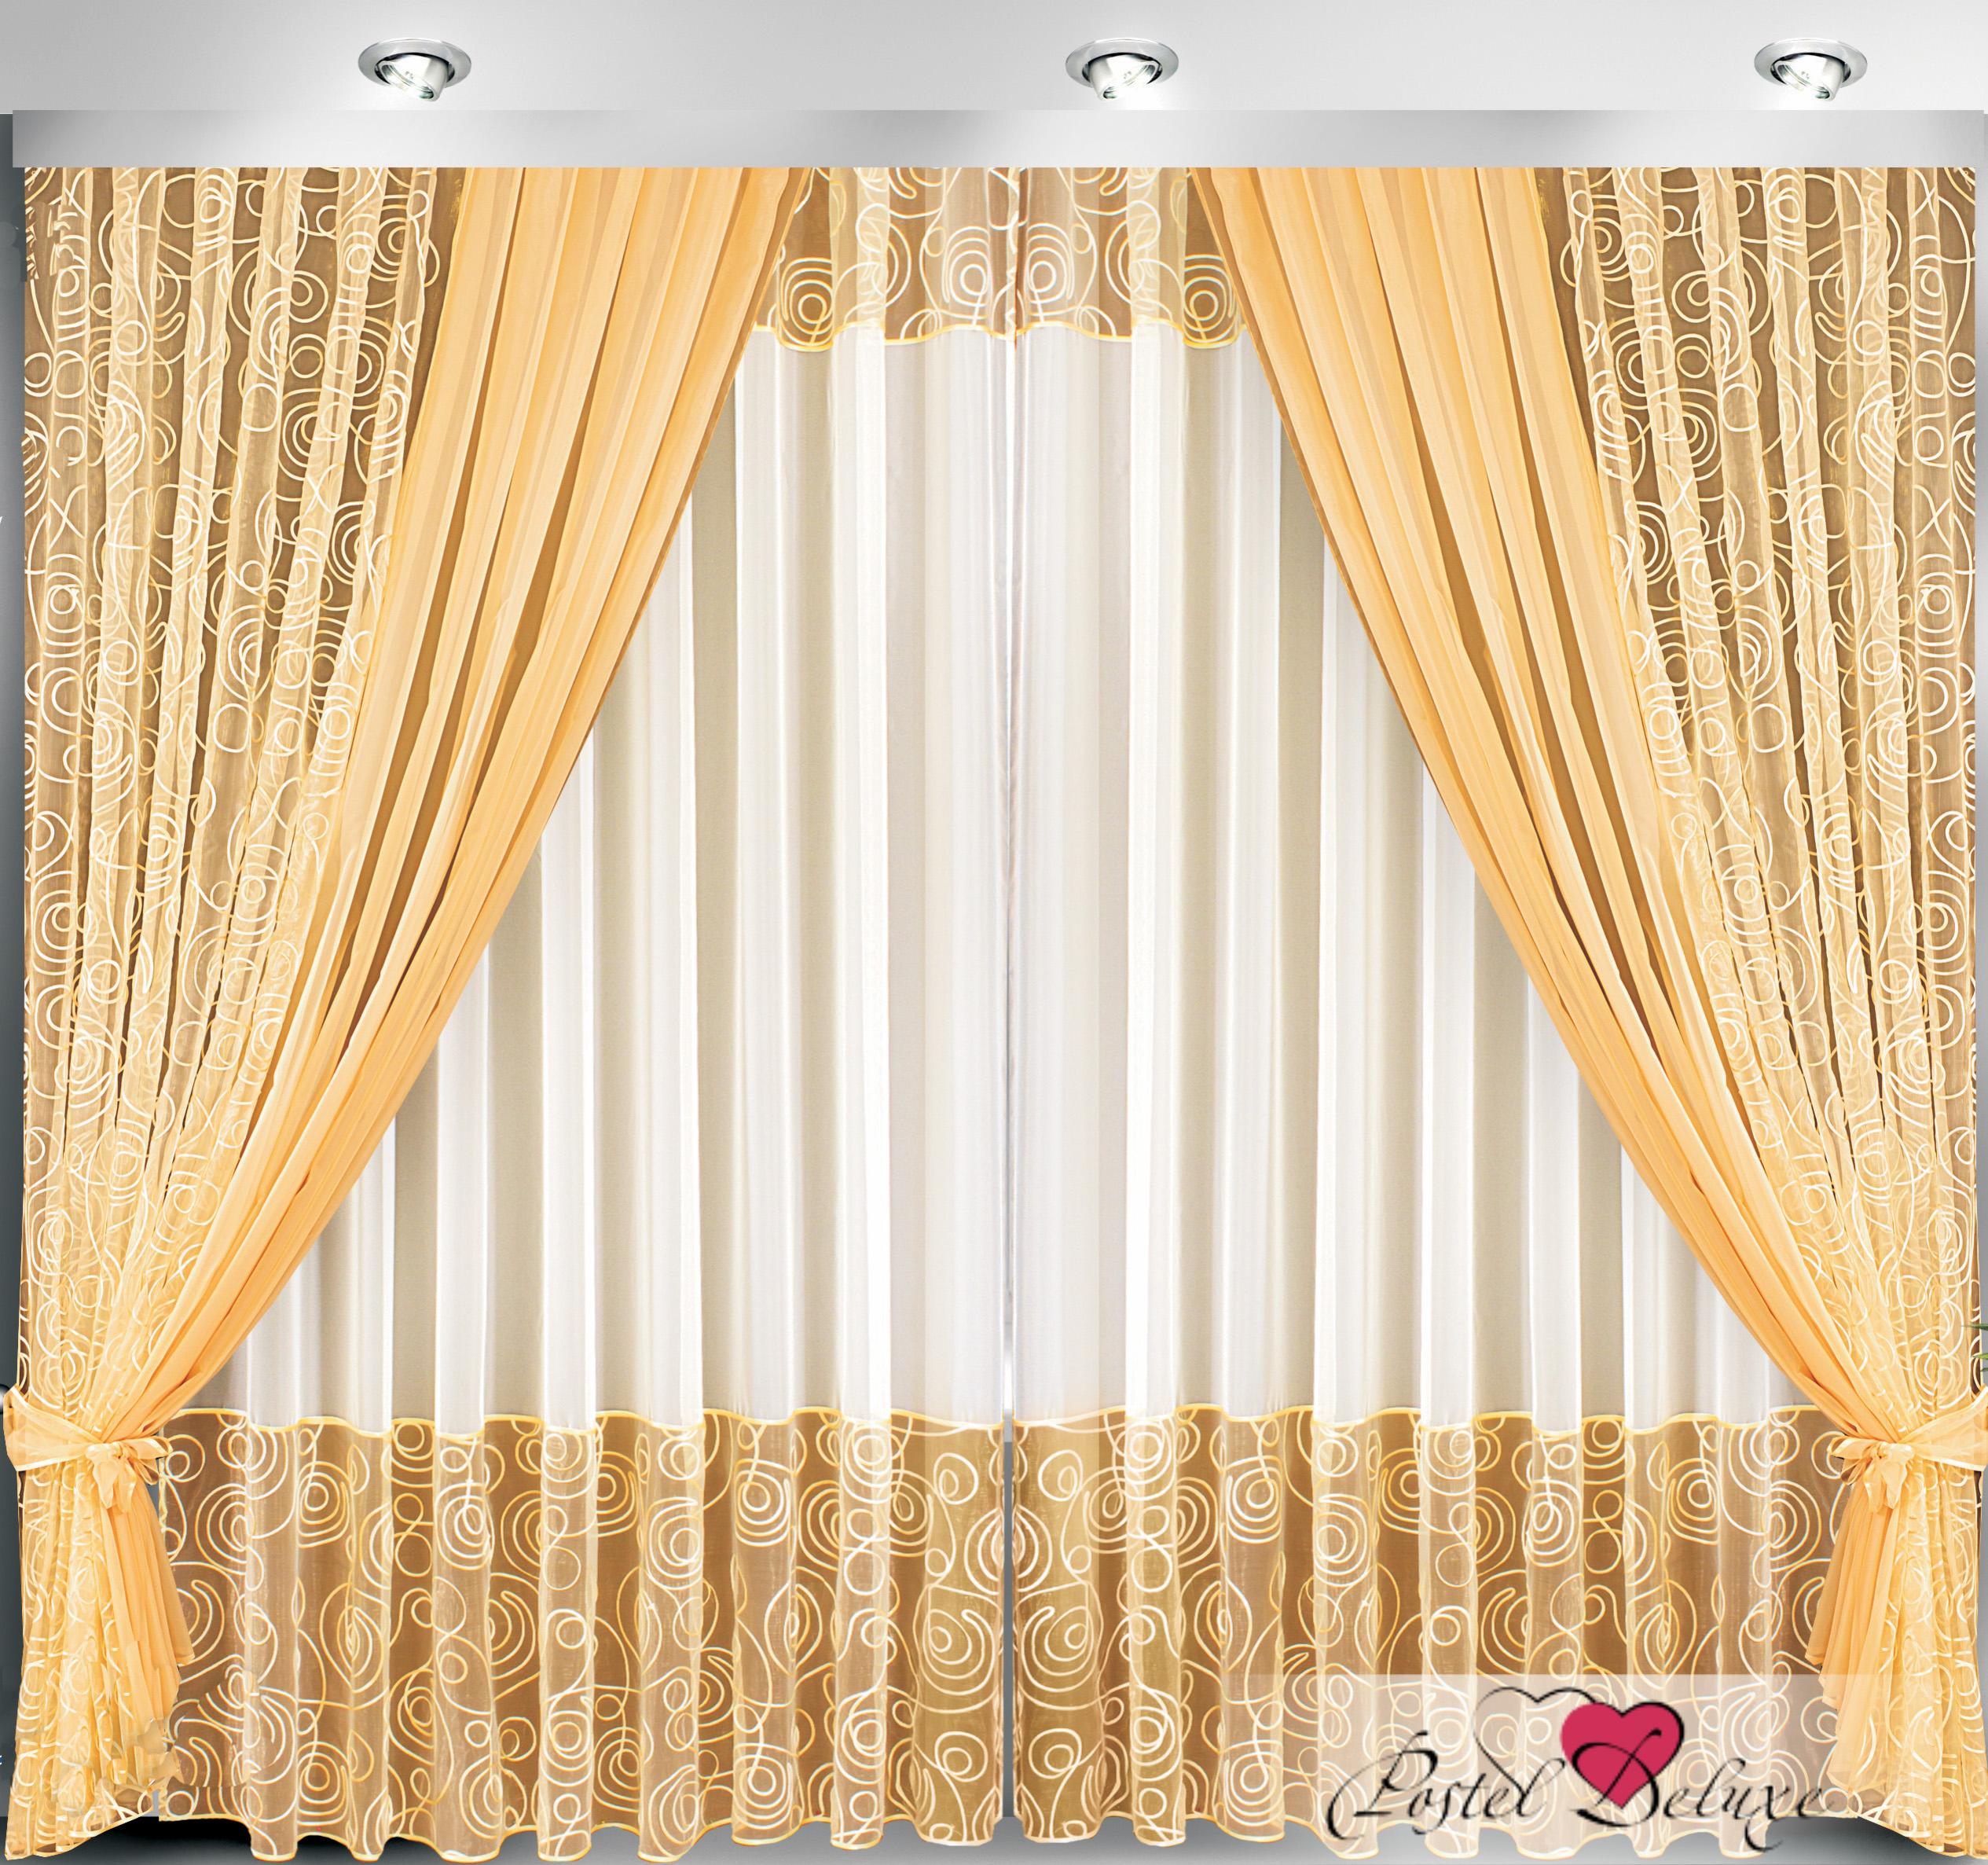 Купить Шторы Велес, Классические шторы Сапфир, Беларусь, Золотой, Персиковый, Вуаль, Органза